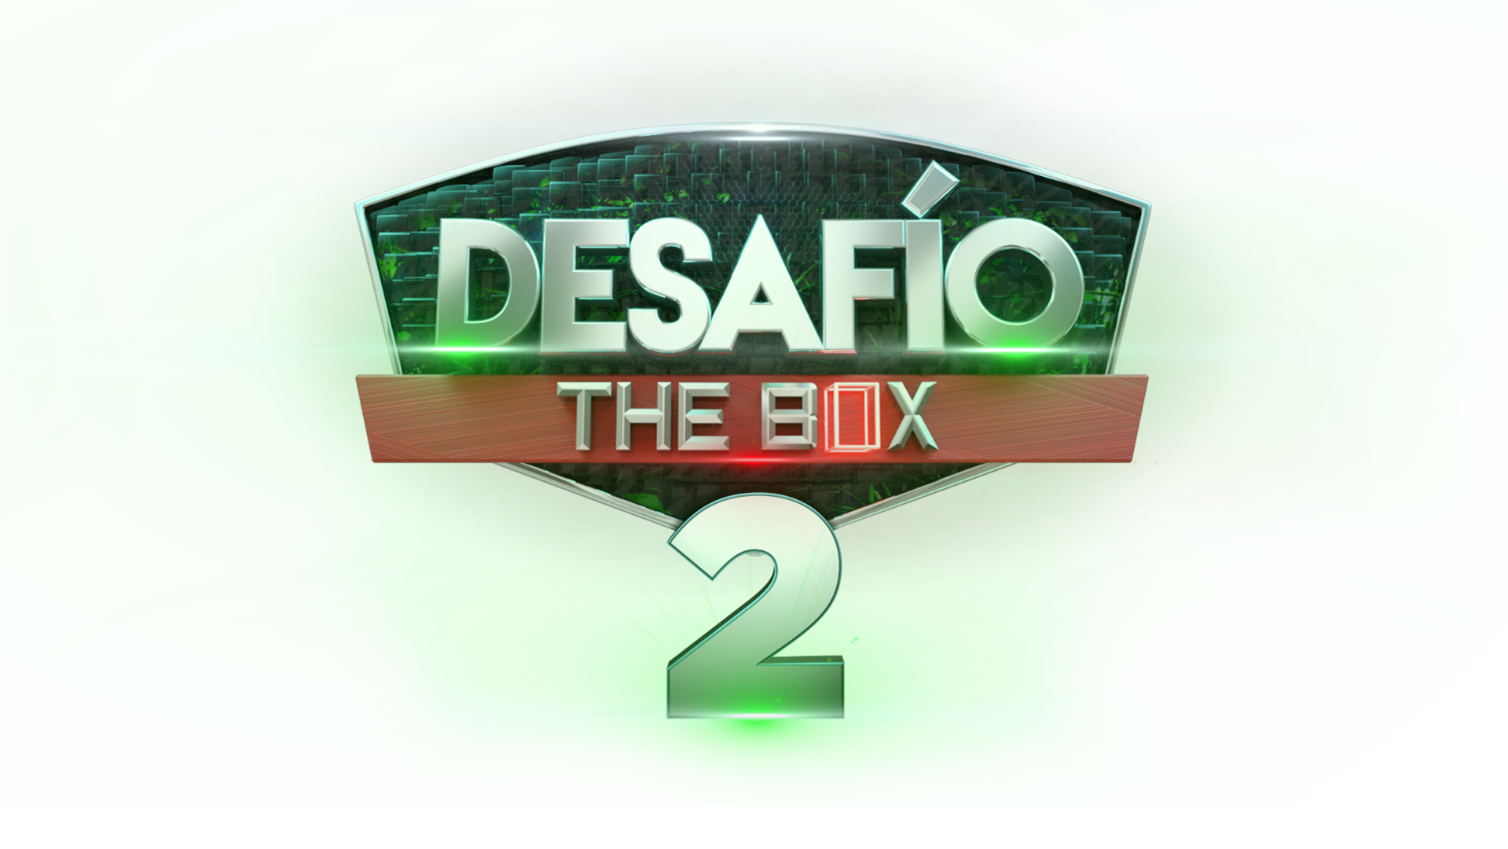 Hasta el 31 de agosto las inscripciones abiertas para el 'Desafío The Box 2'